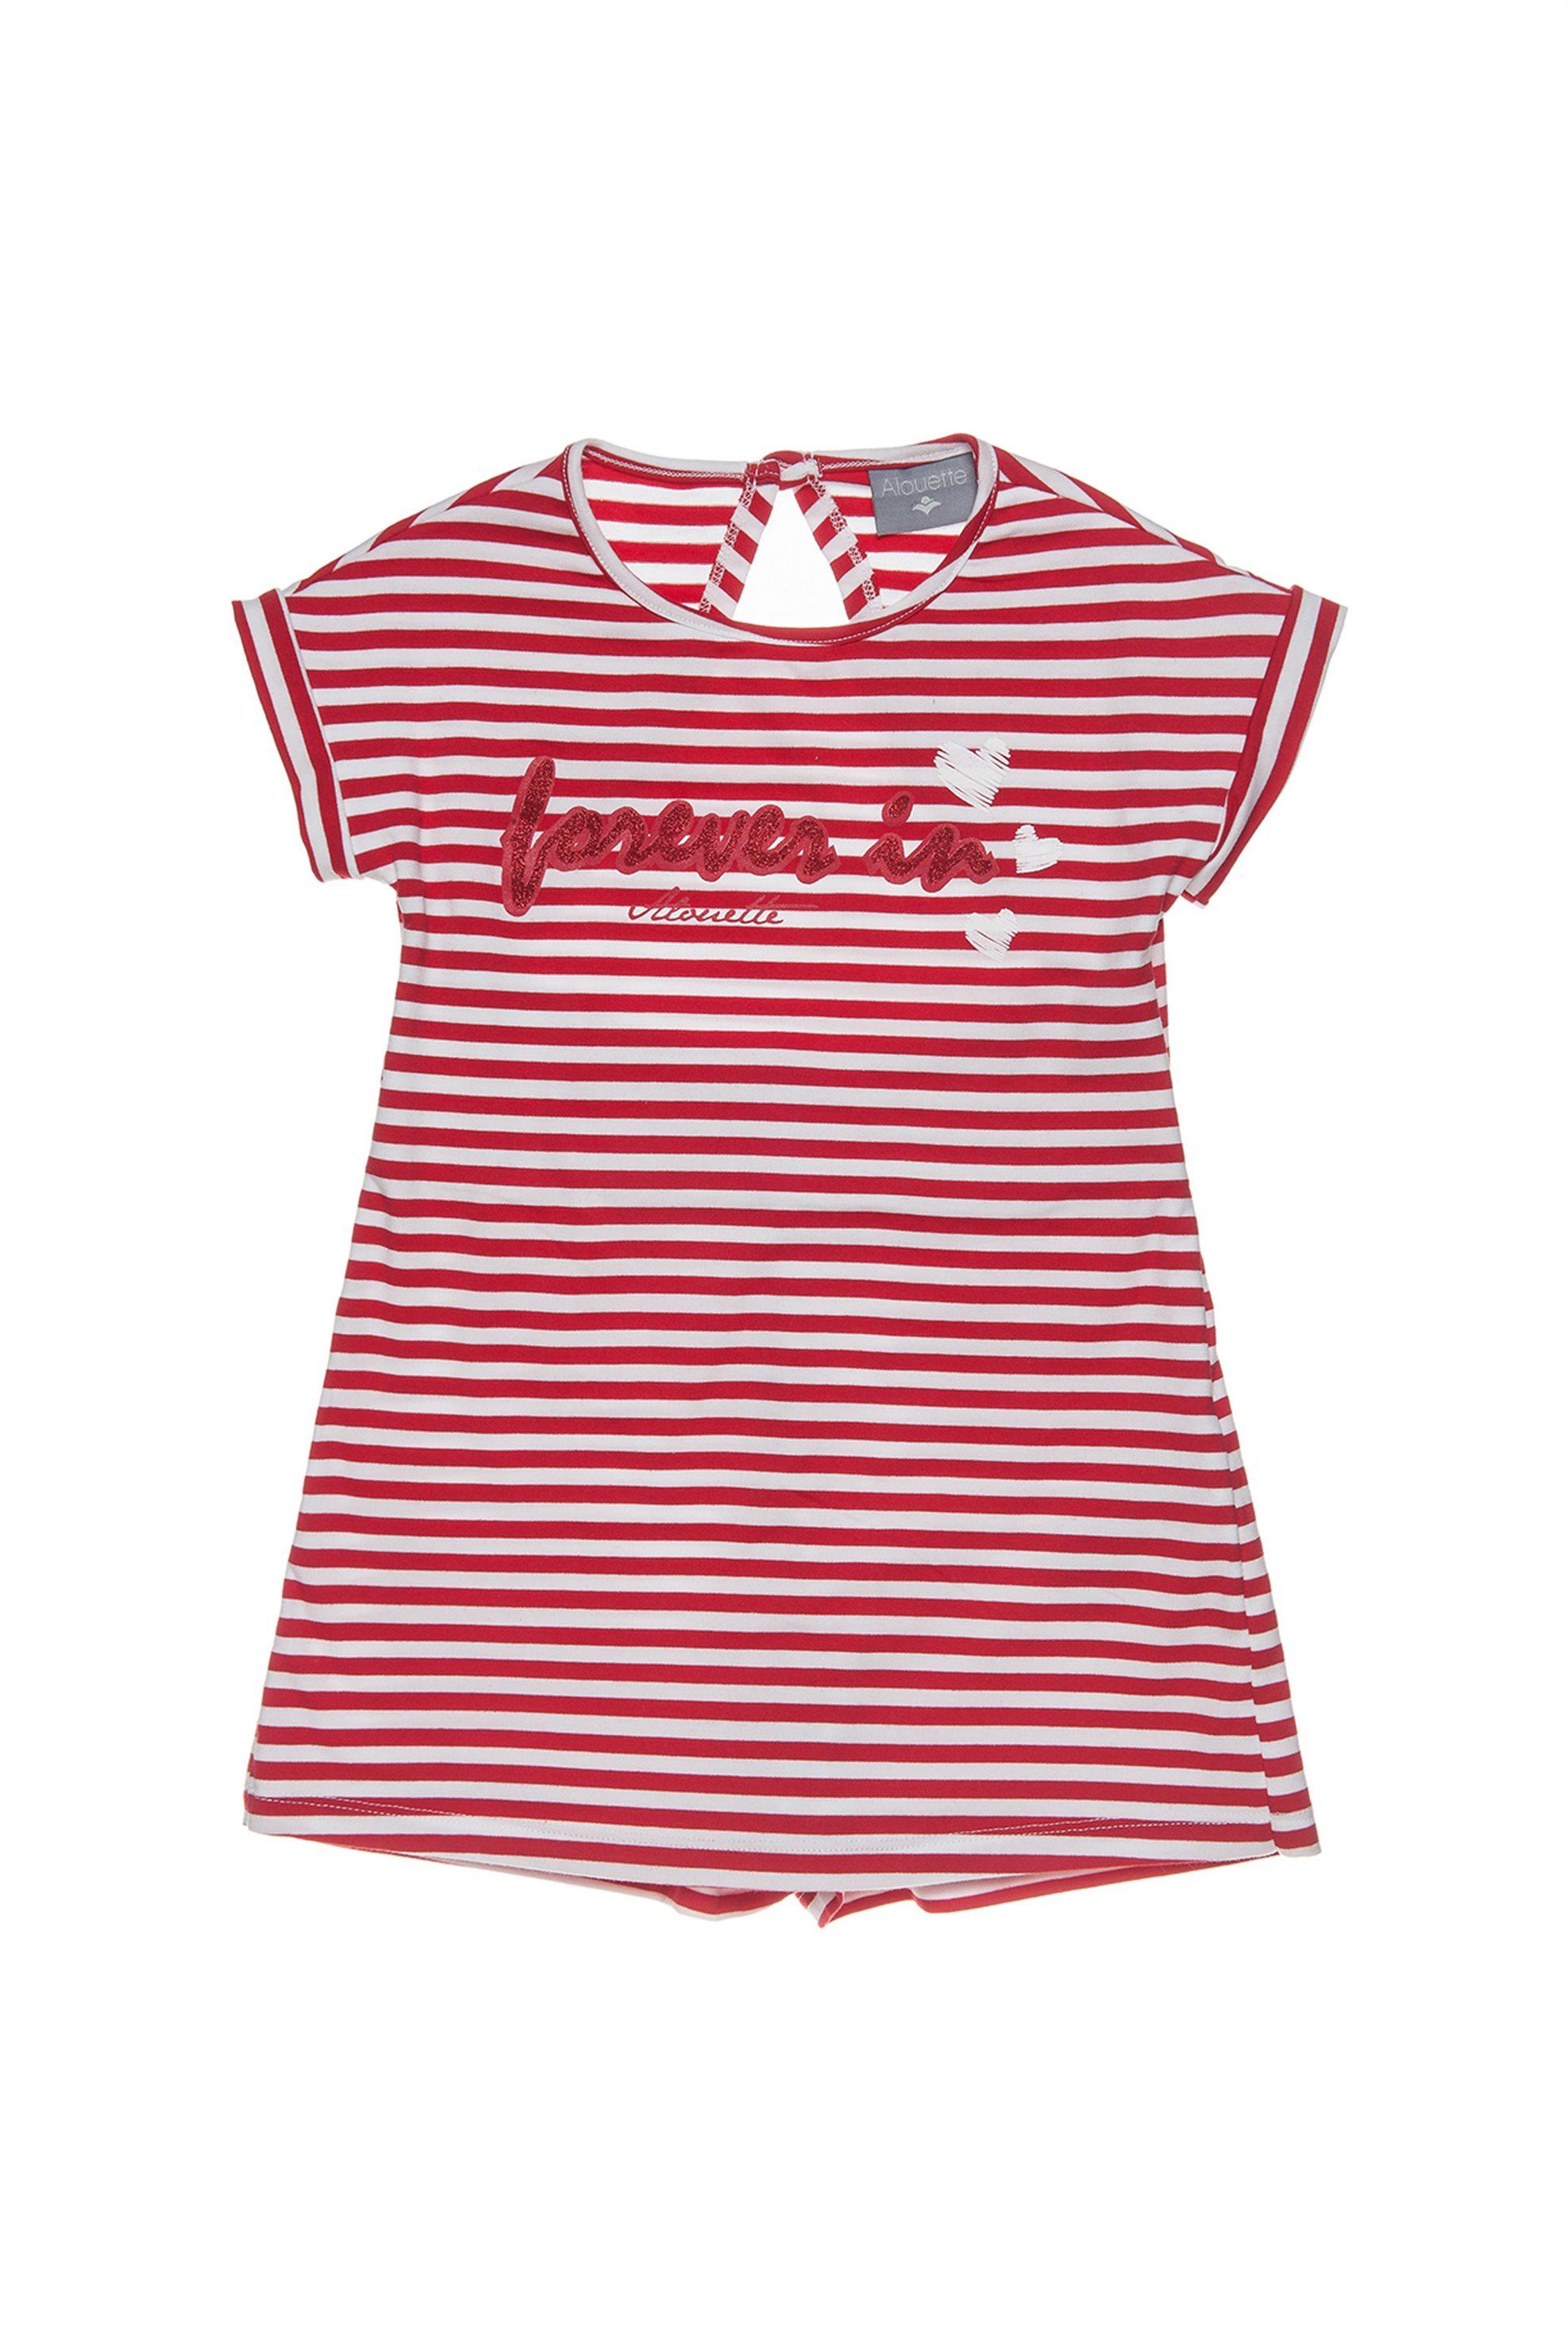 Παιδική σαλόπέτα σορτς με ανοιχτή πλάτη Alouette - 00912677 - Κόκκινο παιδι   κοριτσι   4 14 ετων   tops   παντελόνια   σαλοπέτες